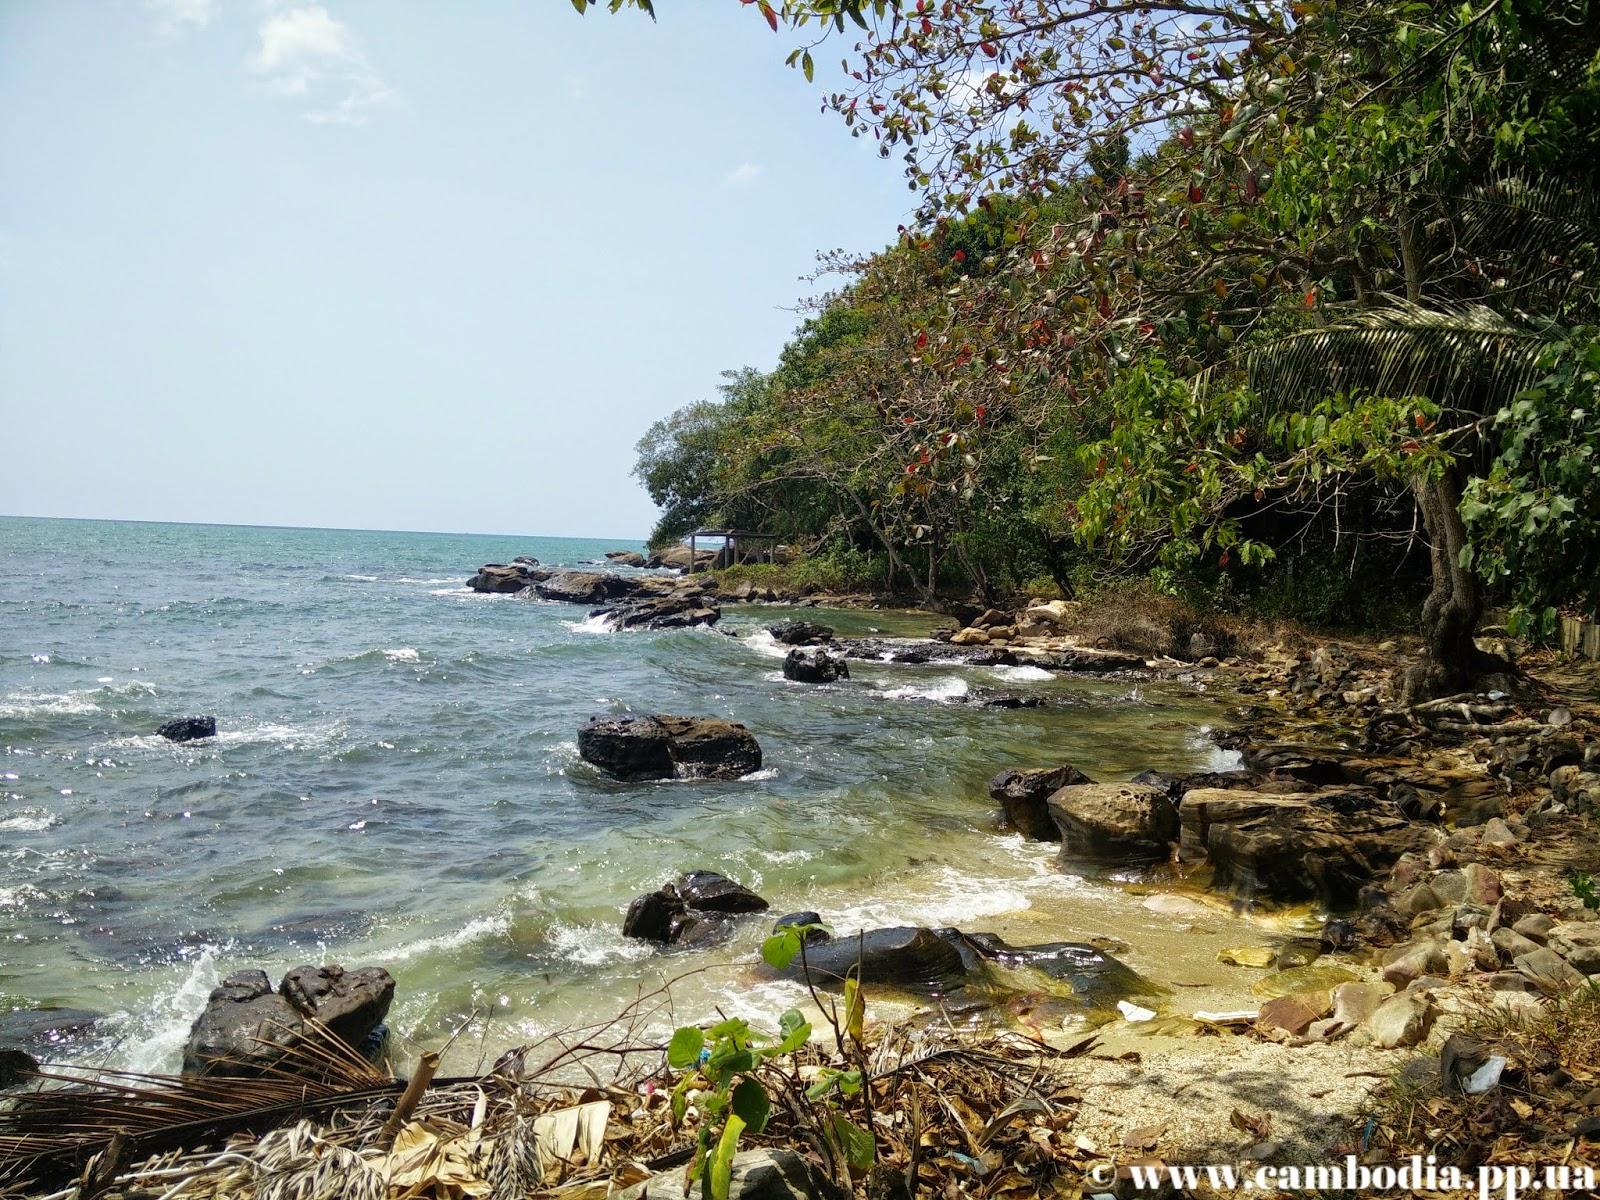 Камбоджа фото море